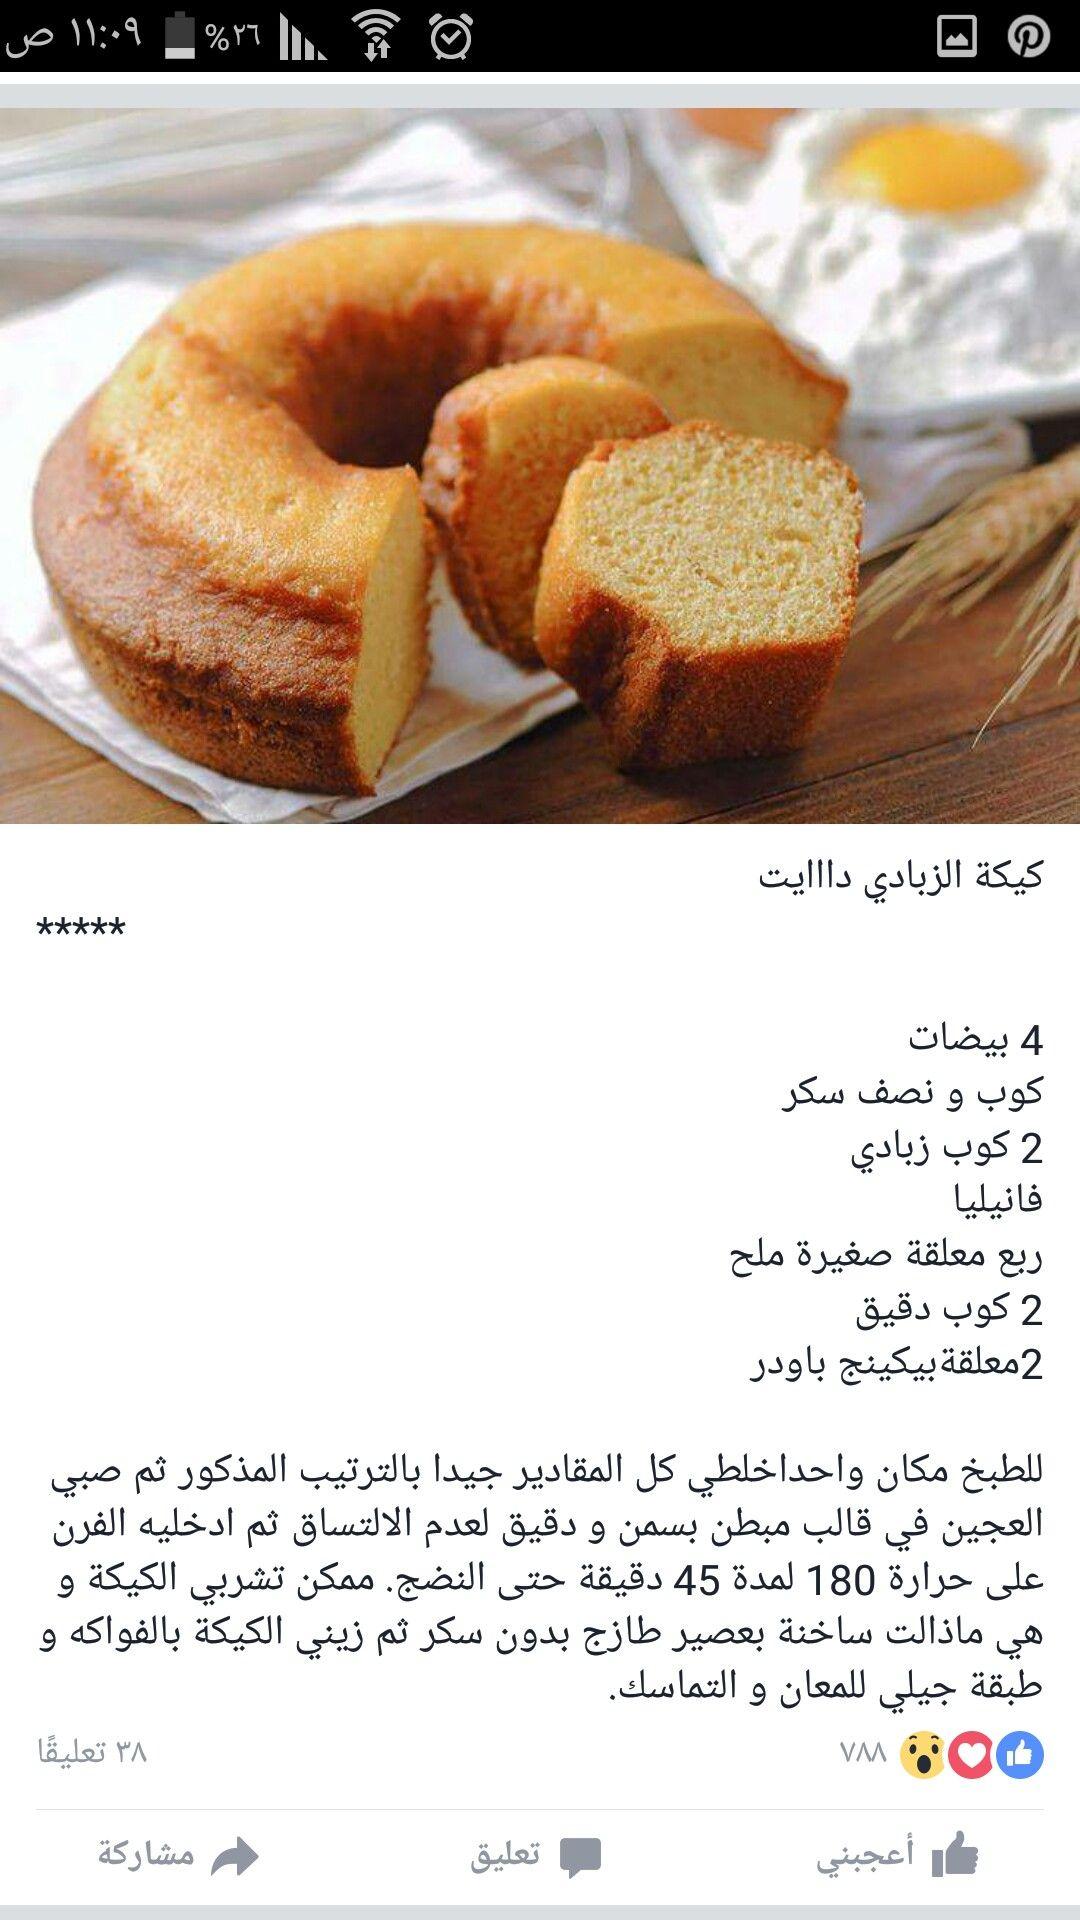 كيكة الزبادي Healthy Dessert Food Desserts